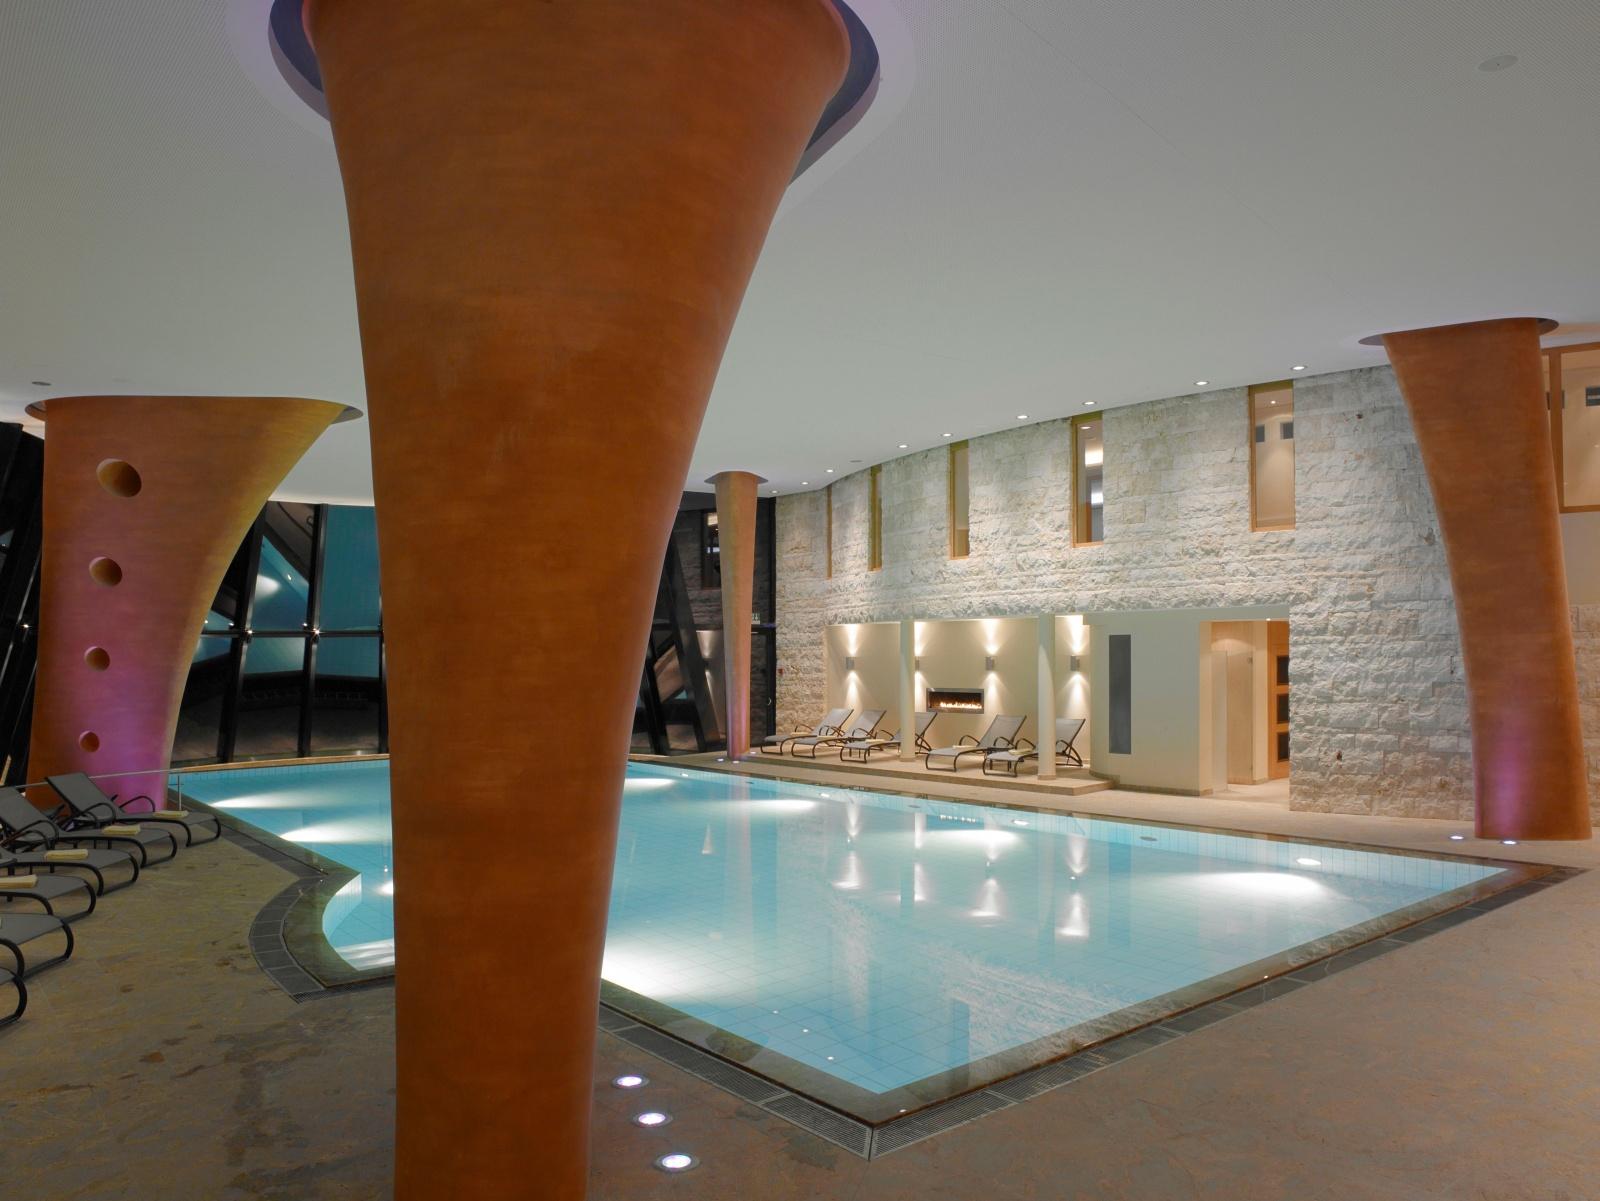 Hotel con piscina en los Alpes Suizos